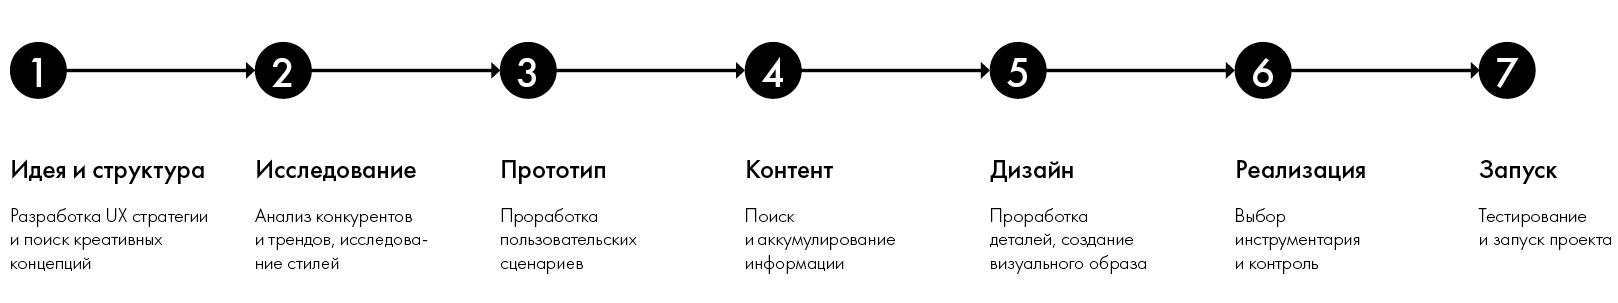 Никита Обухов, Tilda Publishing. Создание сайта — это технология